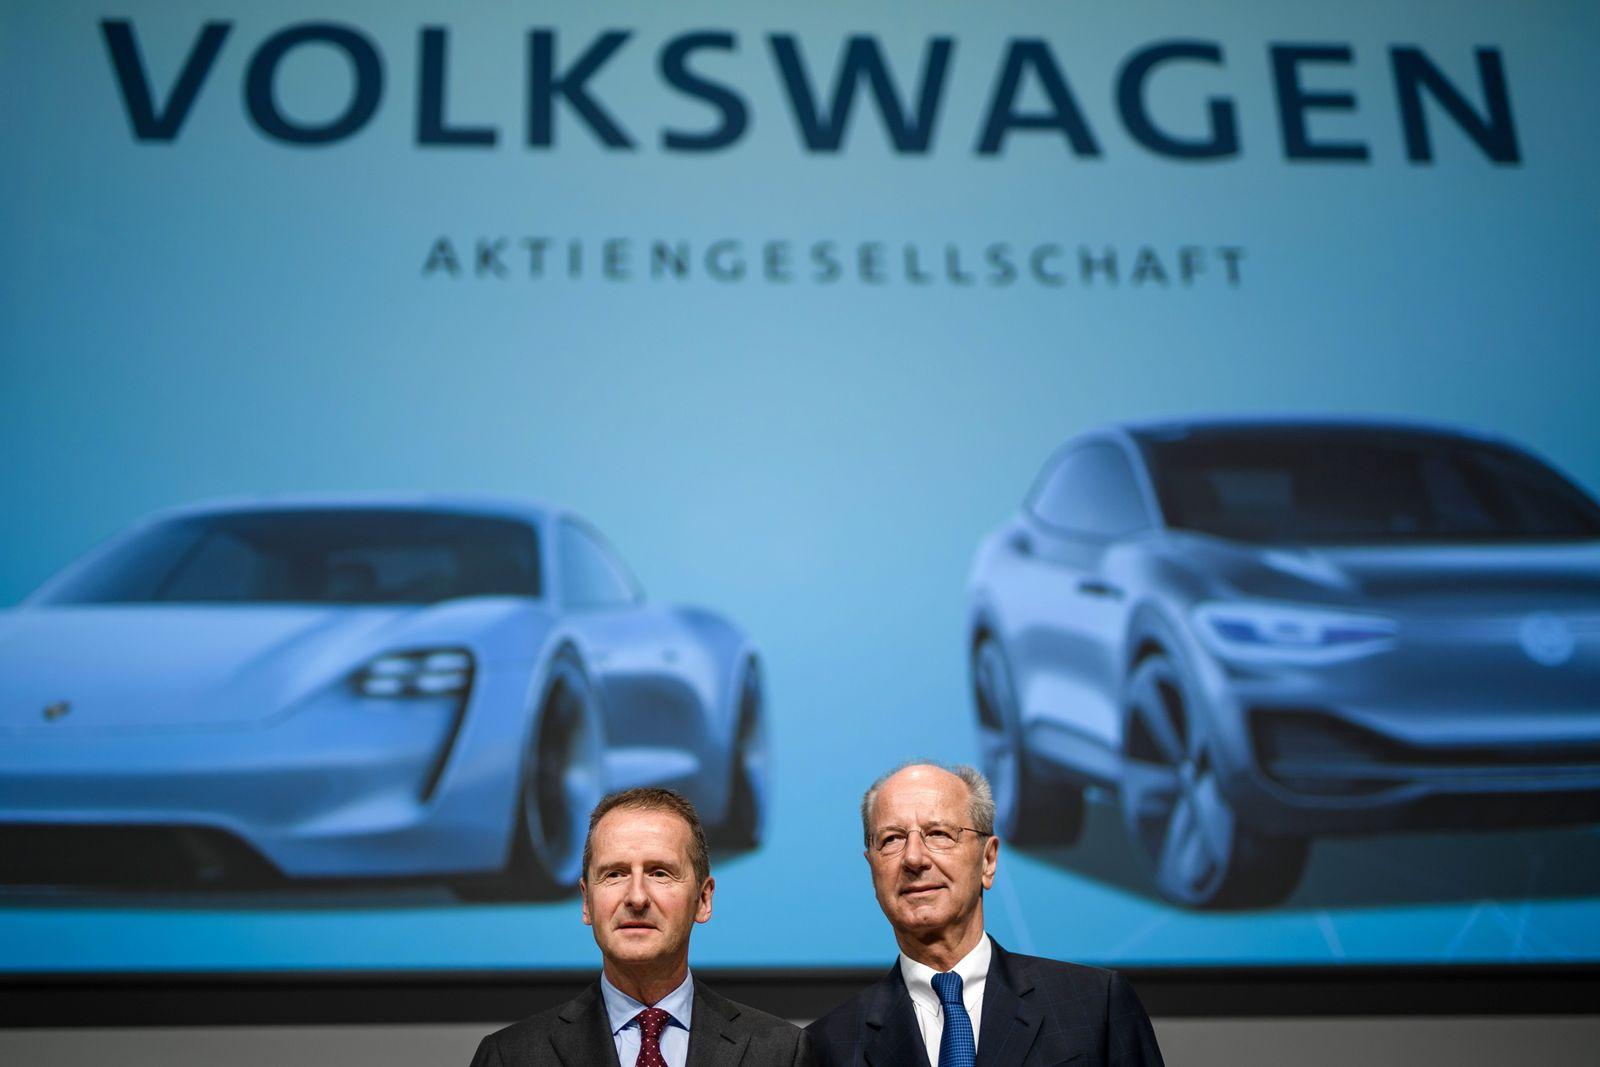 Volkswagen AG annual general meeting in Berlin, Germany - 03 May 2018